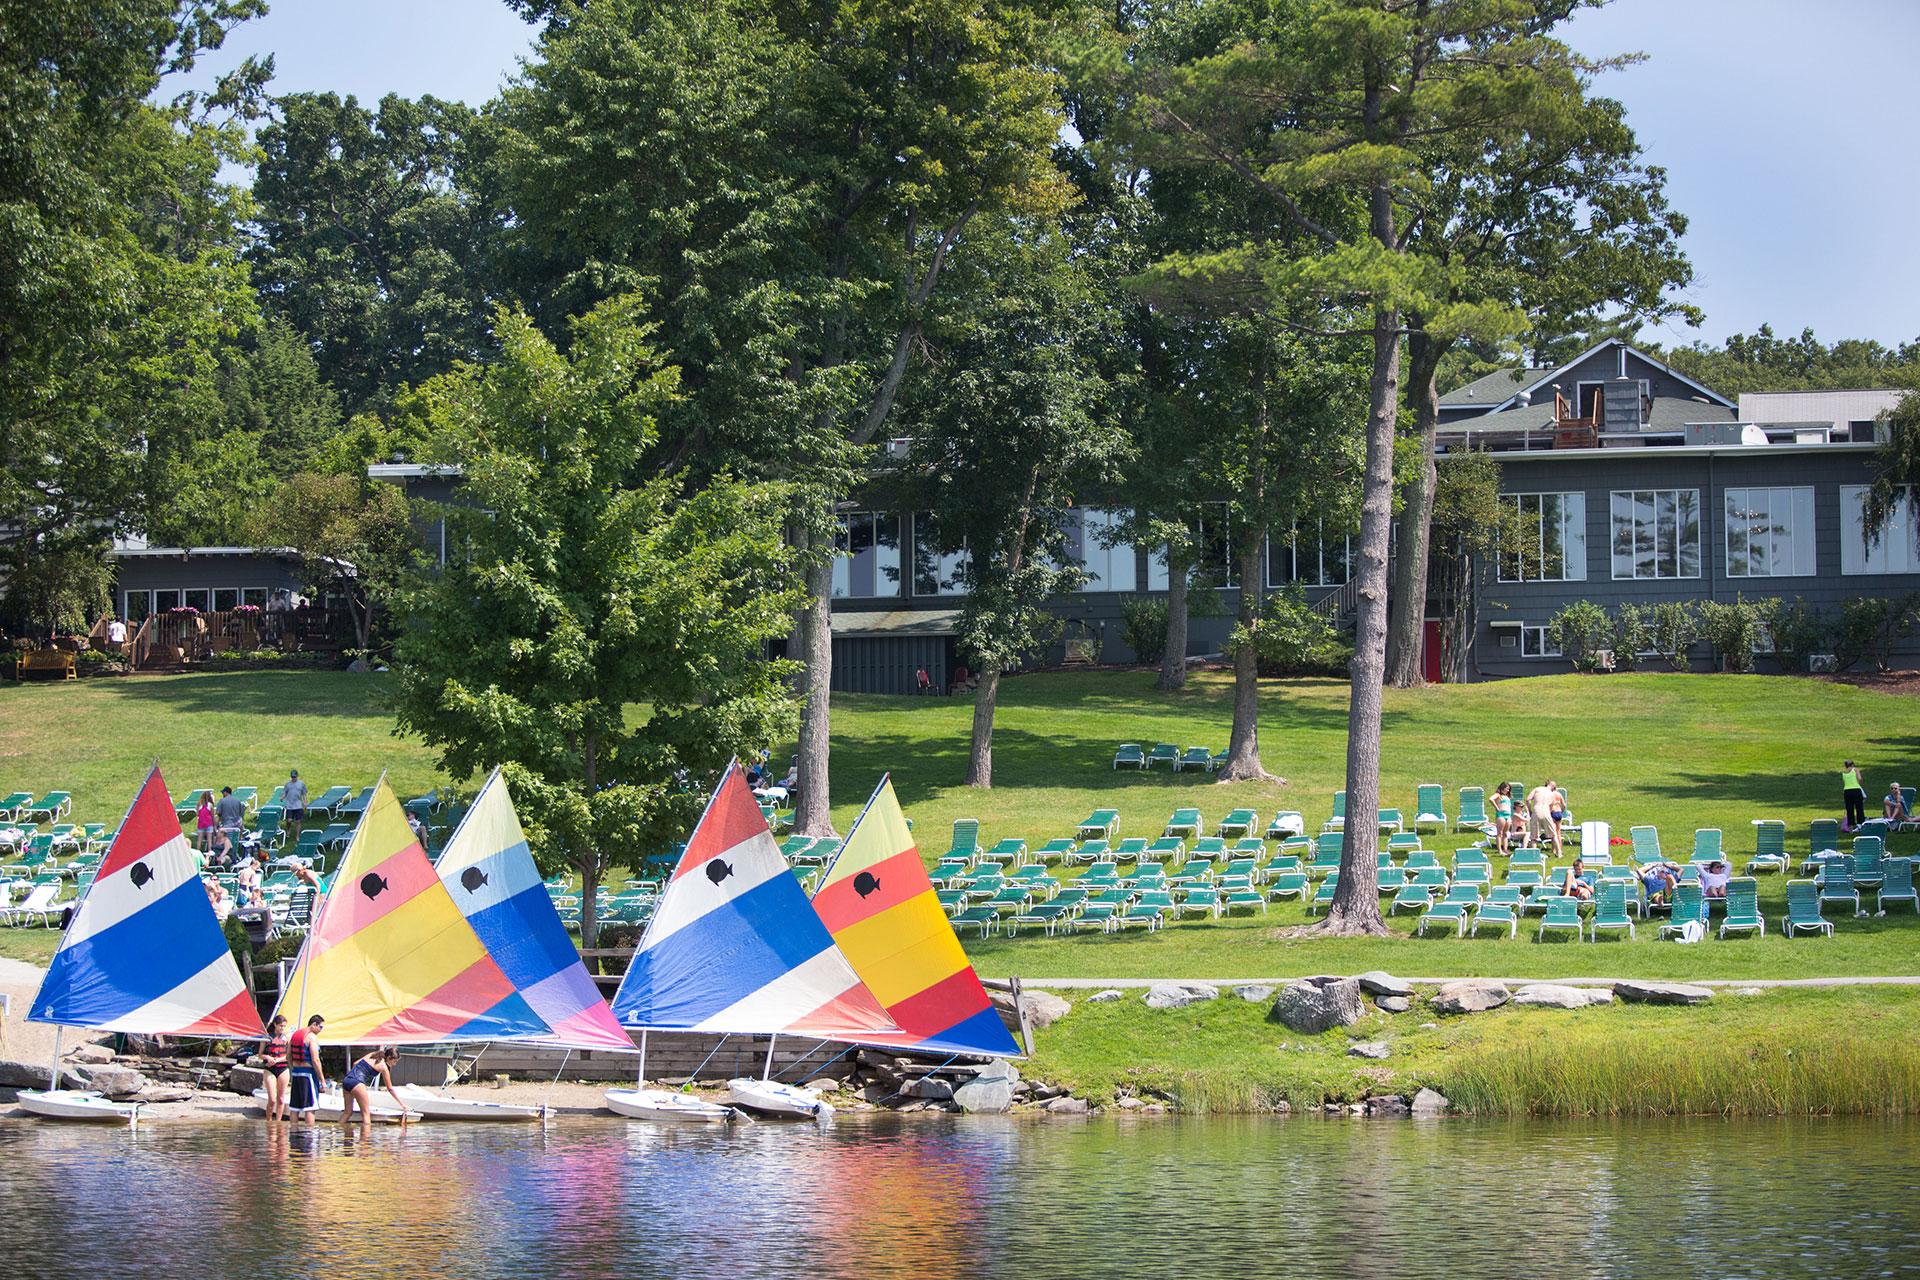 Sailboats at Woodloch Pines in the Poconos; Courtesy of Andrea Killam Photography